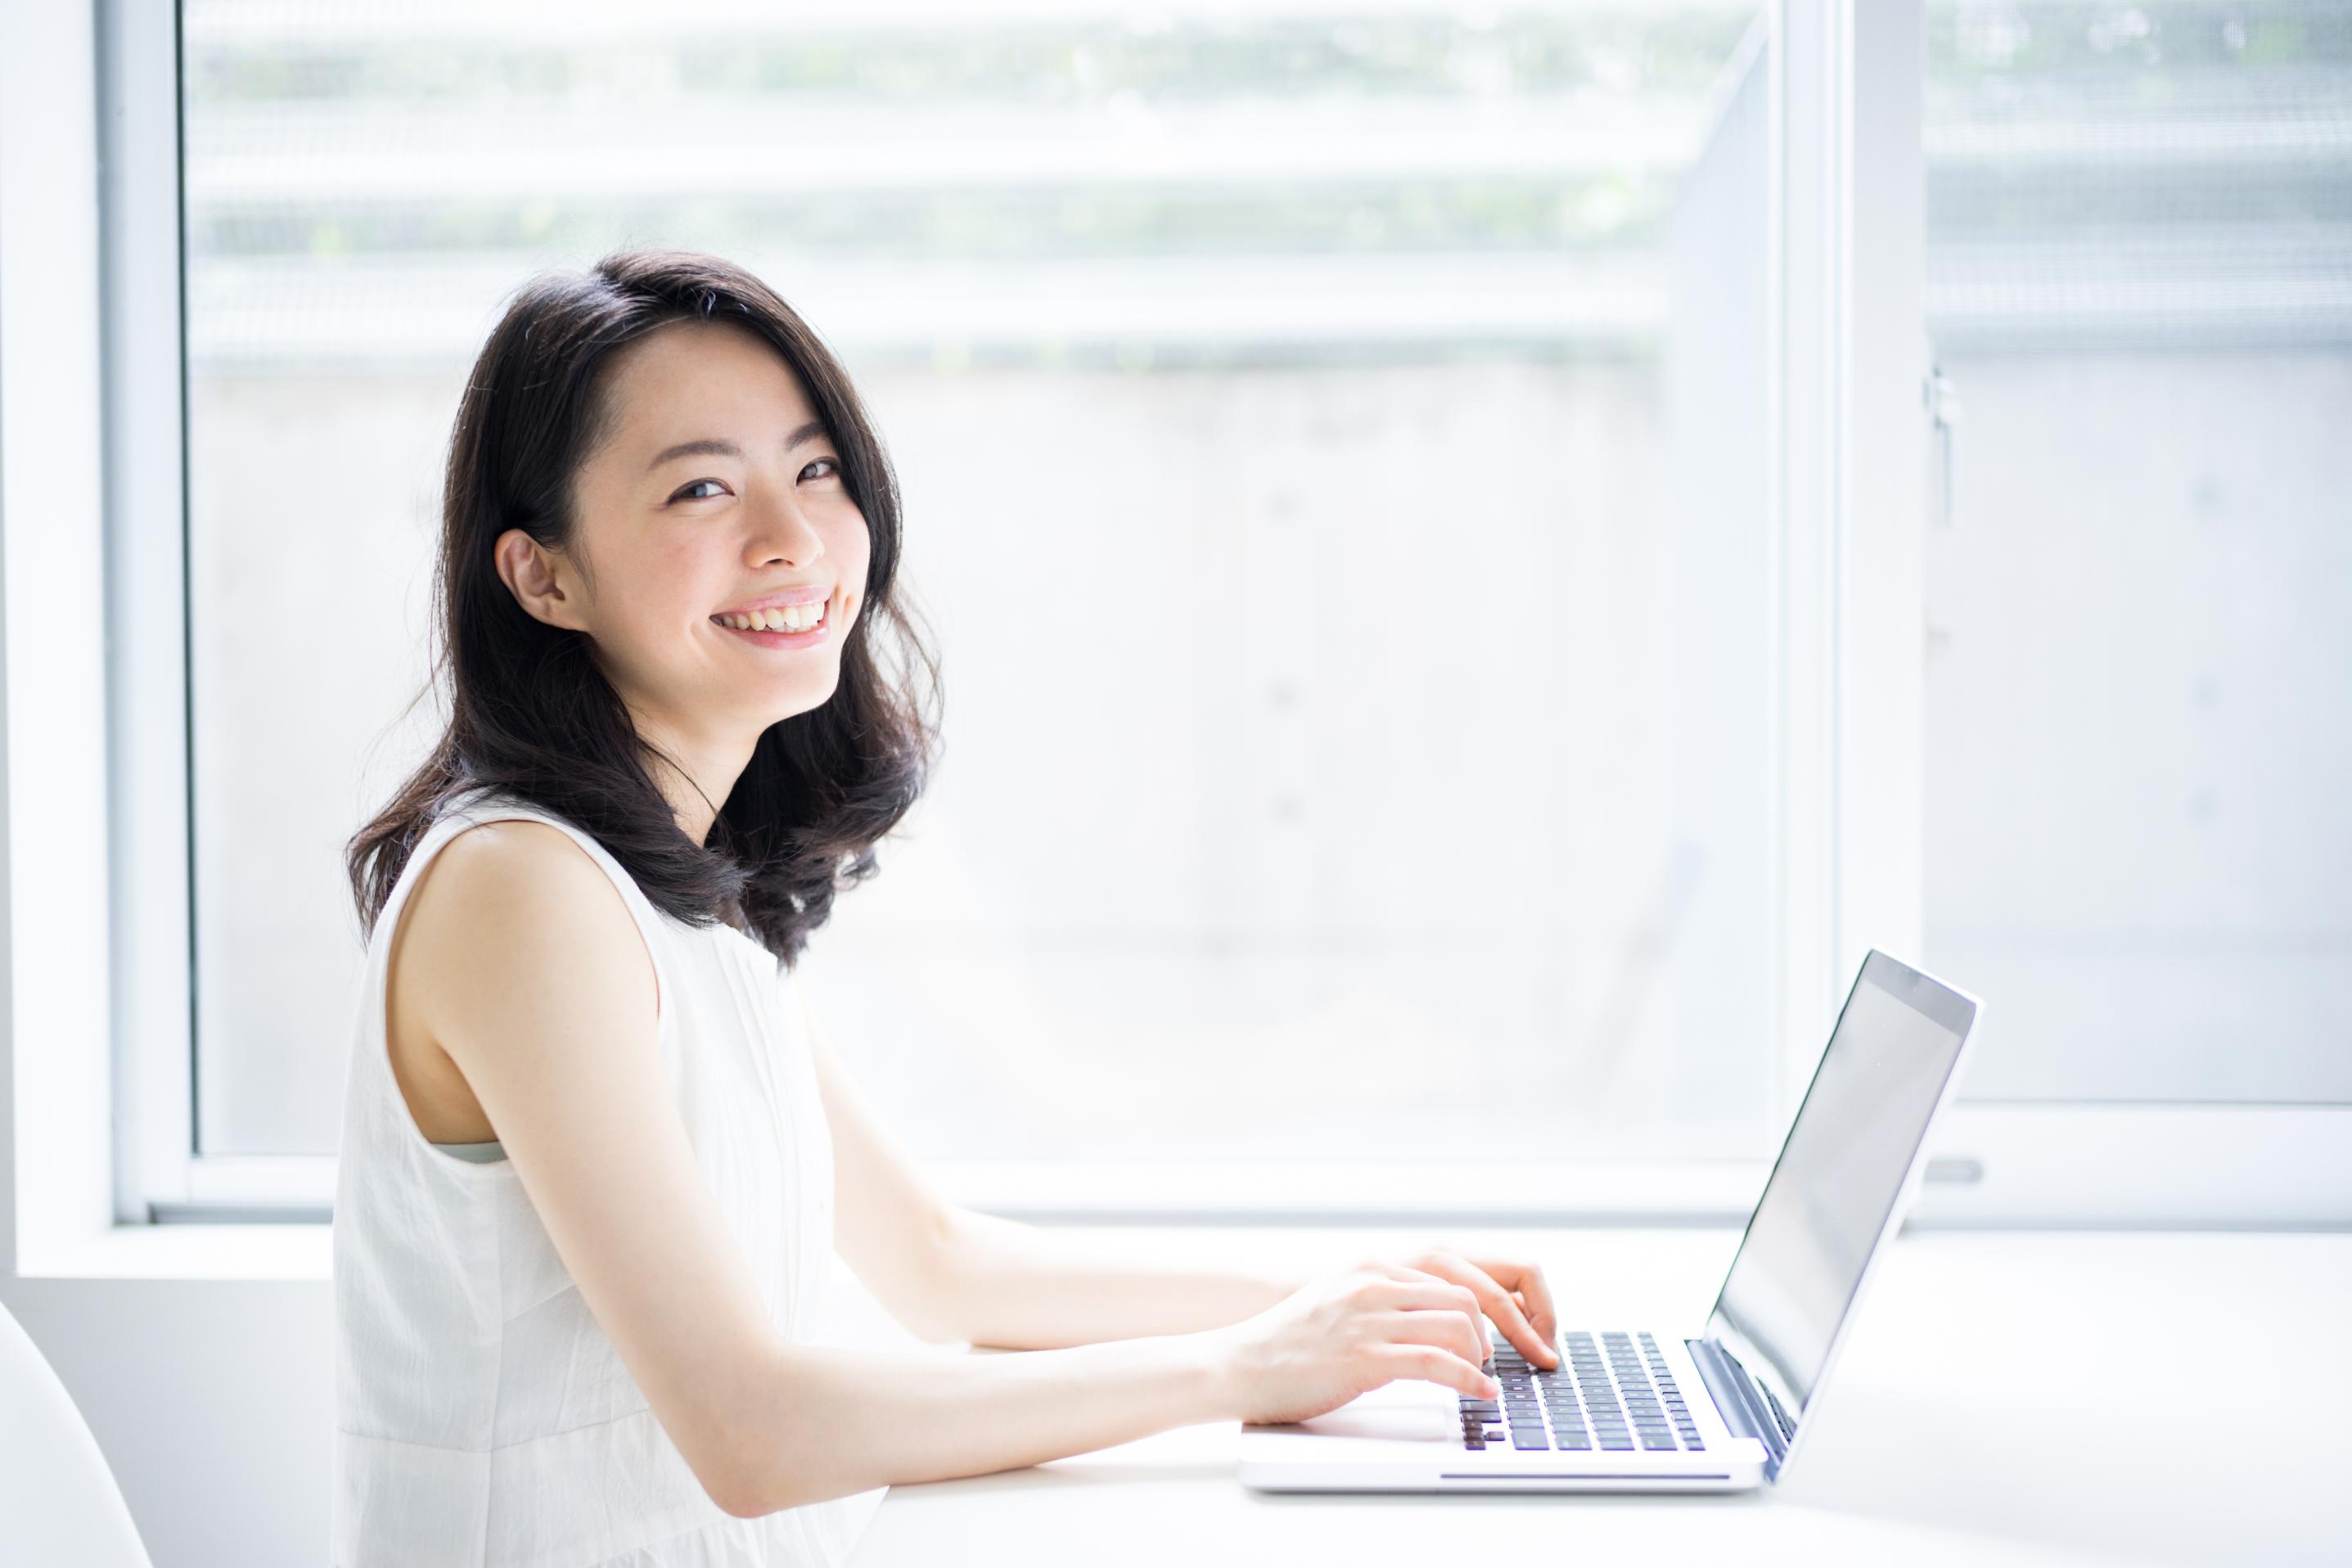 英語コーチングと、プロ日本人講師によるマンツーマンレッスンで、海外で困らない英語力を伸ばす